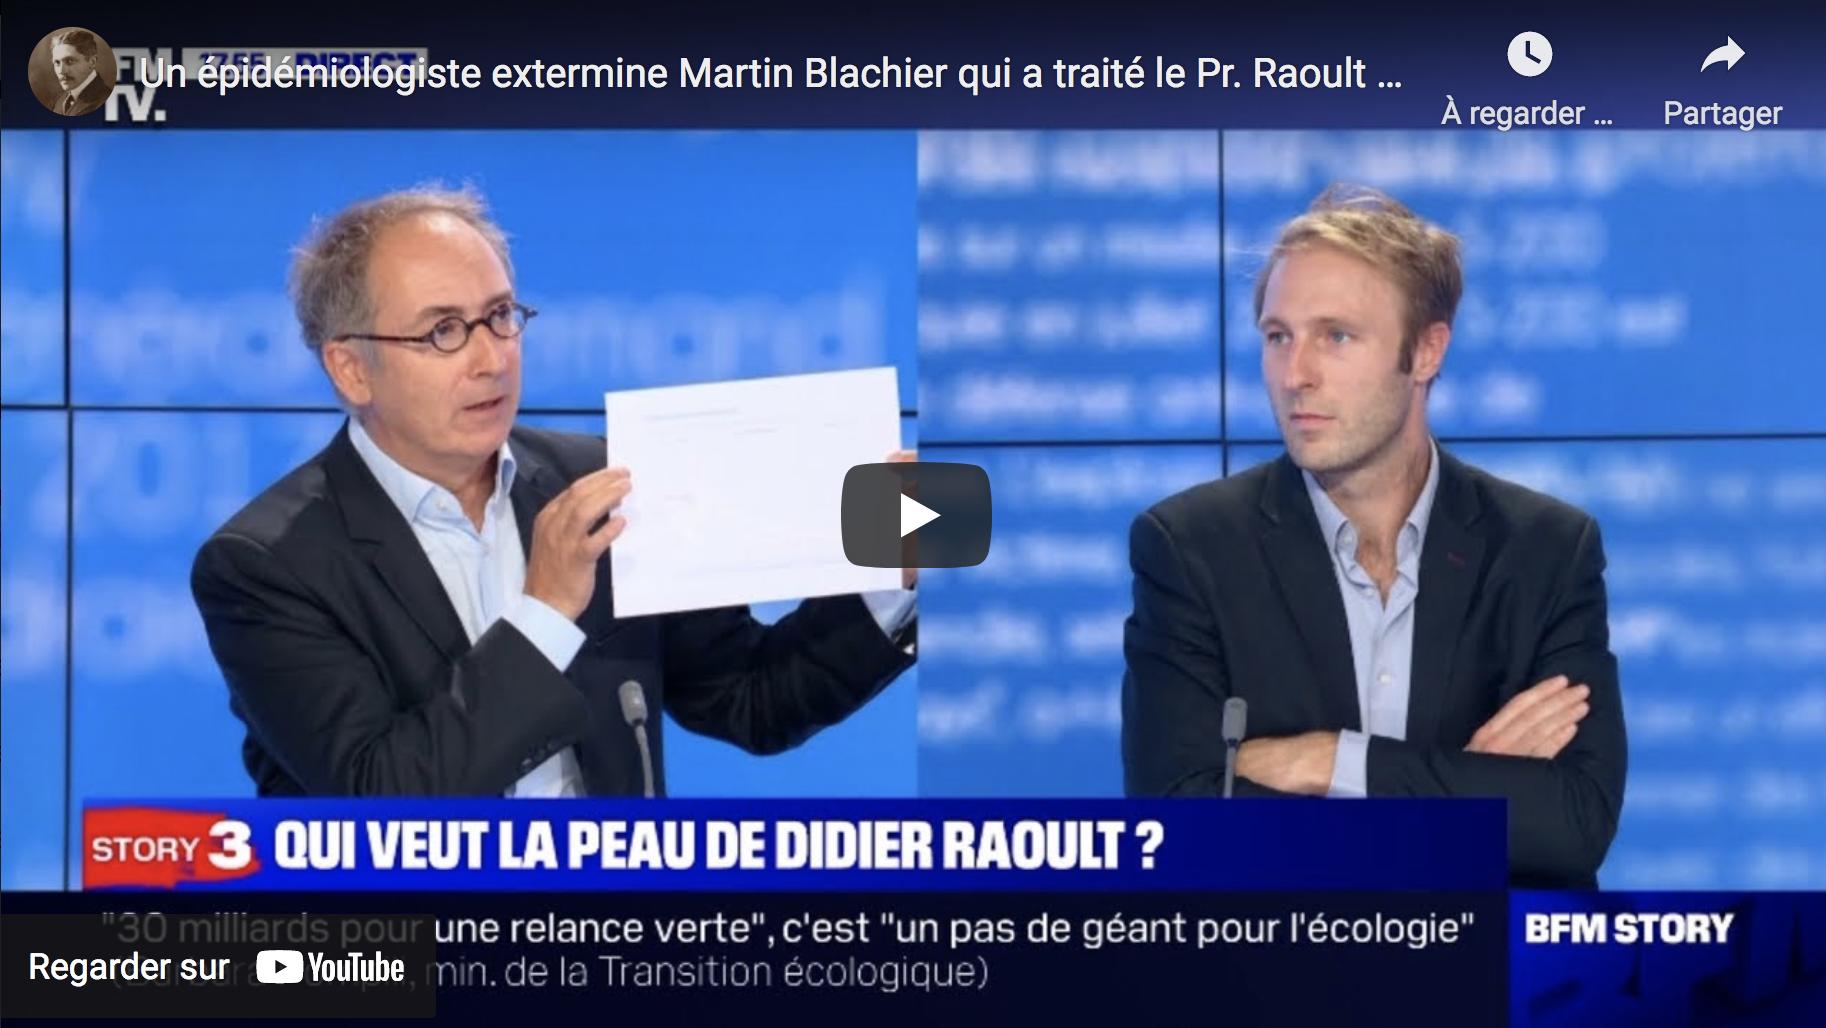 """L'épidémiologiste Laurent Toubiana VS le Dr Martin Blachier qui a traité le Pr Raoult de """"charlatan"""" (VIDÉO)"""